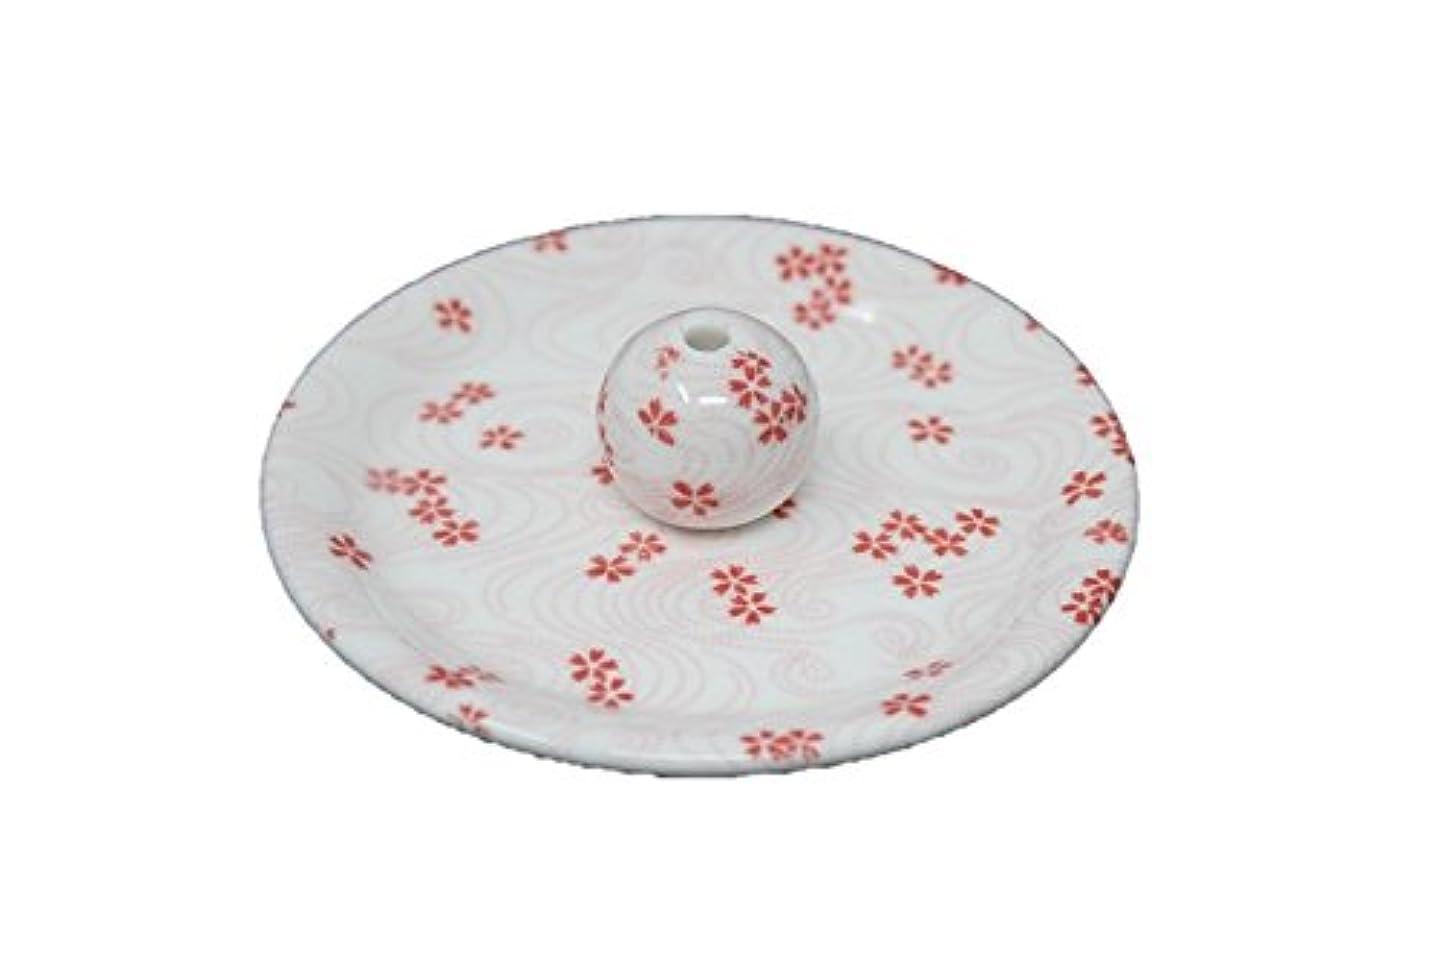 厳しい直感摂氏度9-34 桜渦 9cm香皿 お香立て お香たて 陶器 日本製 製造?直売品